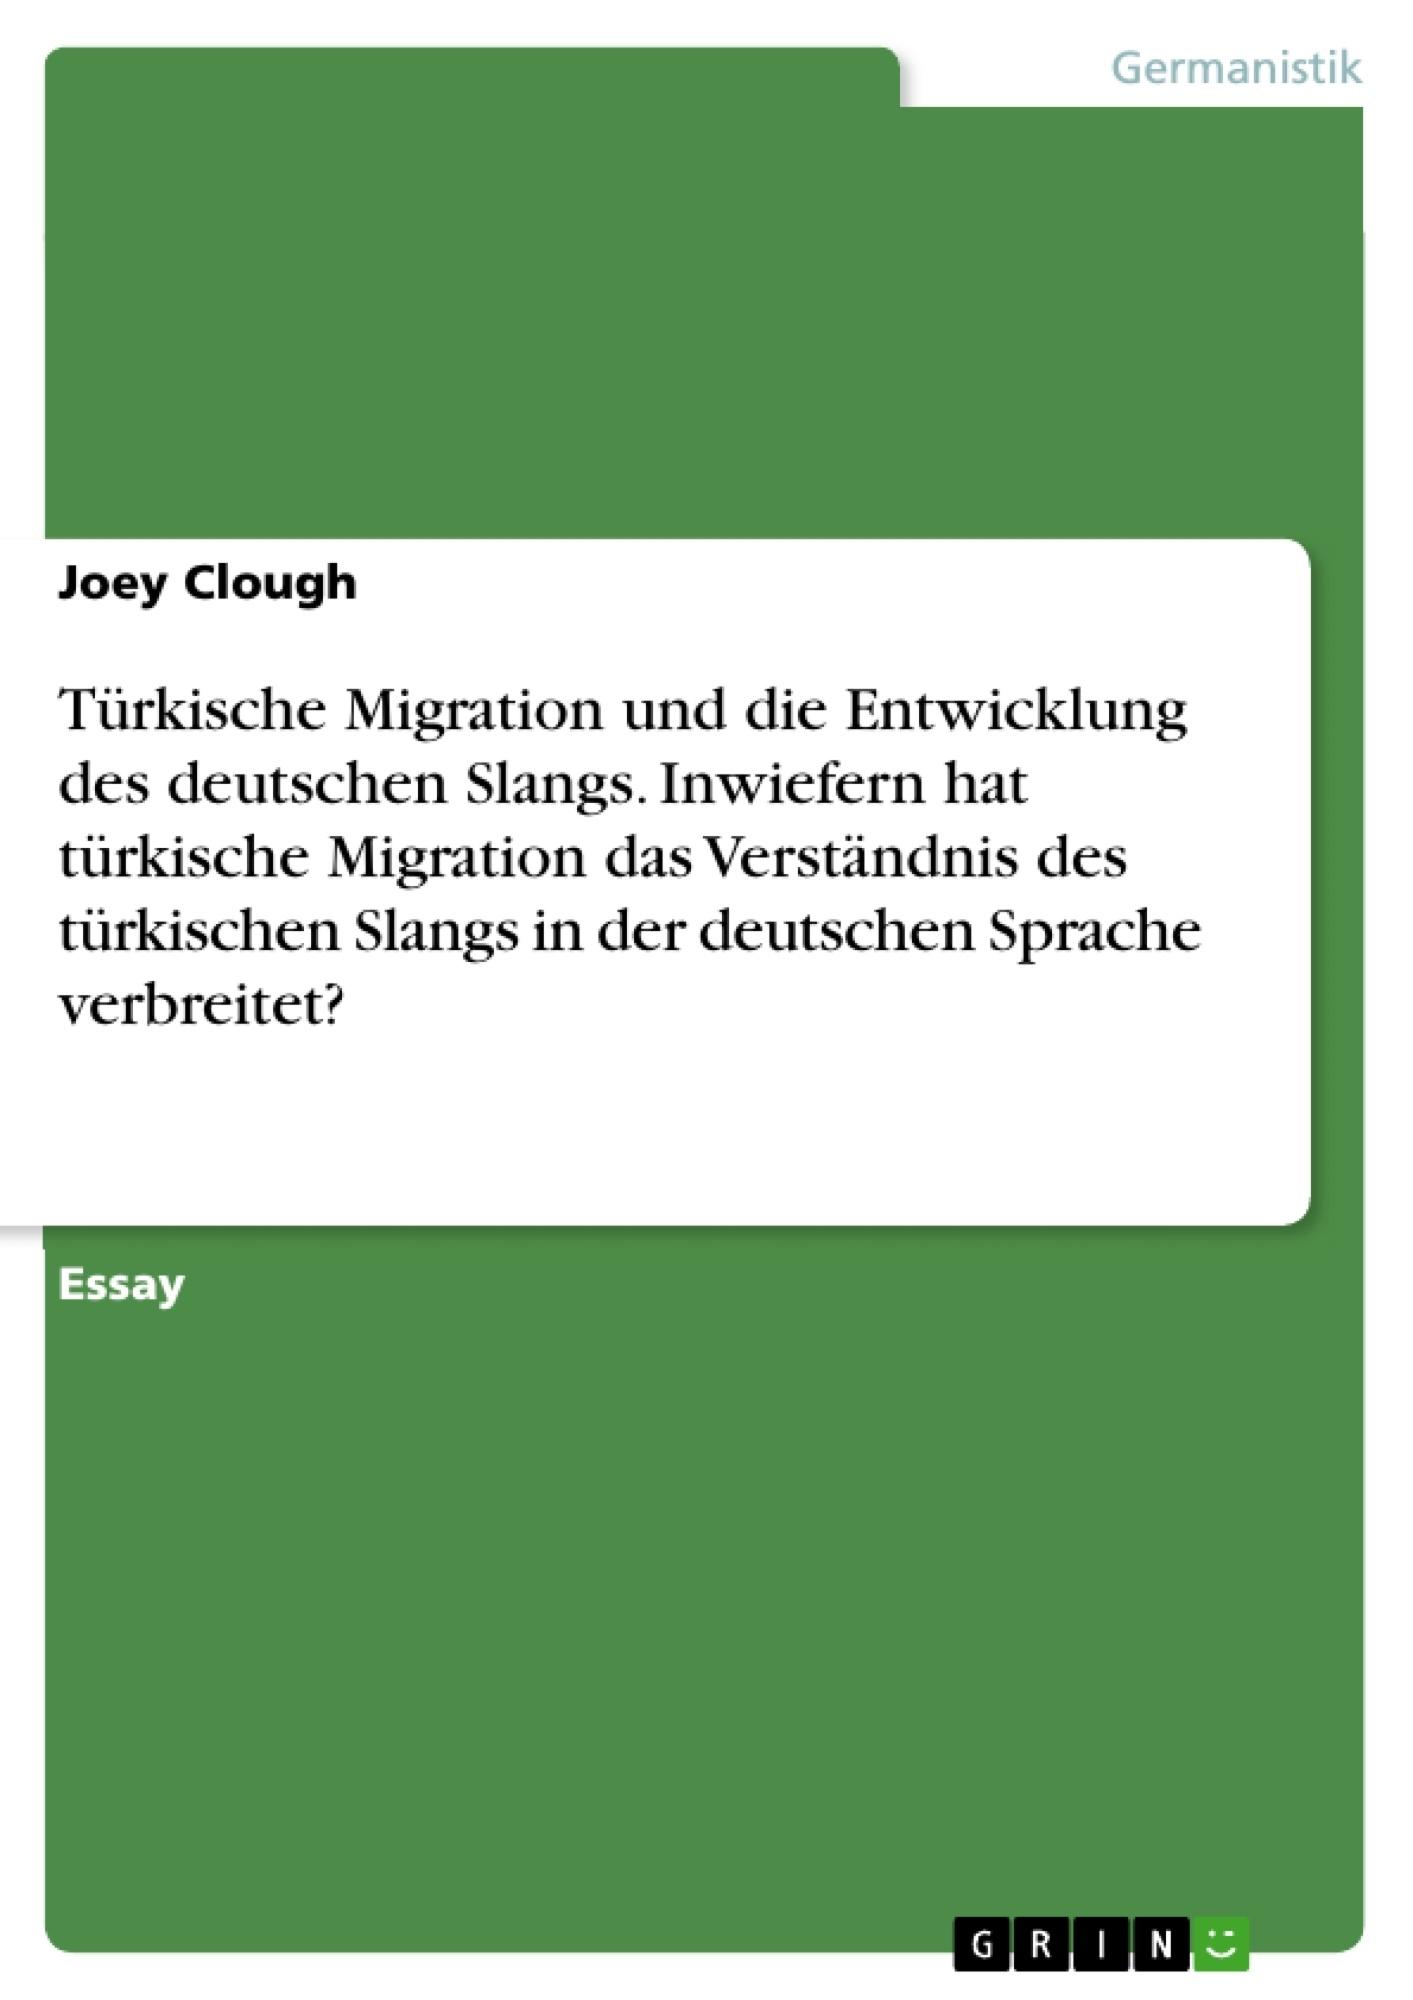 Titel: Türkische Migration und die Entwicklung des deutschen Slangs. Inwiefern hat türkische Migration das Verständnis des türkischen Slangs in der deutschen Sprache verbreitet?